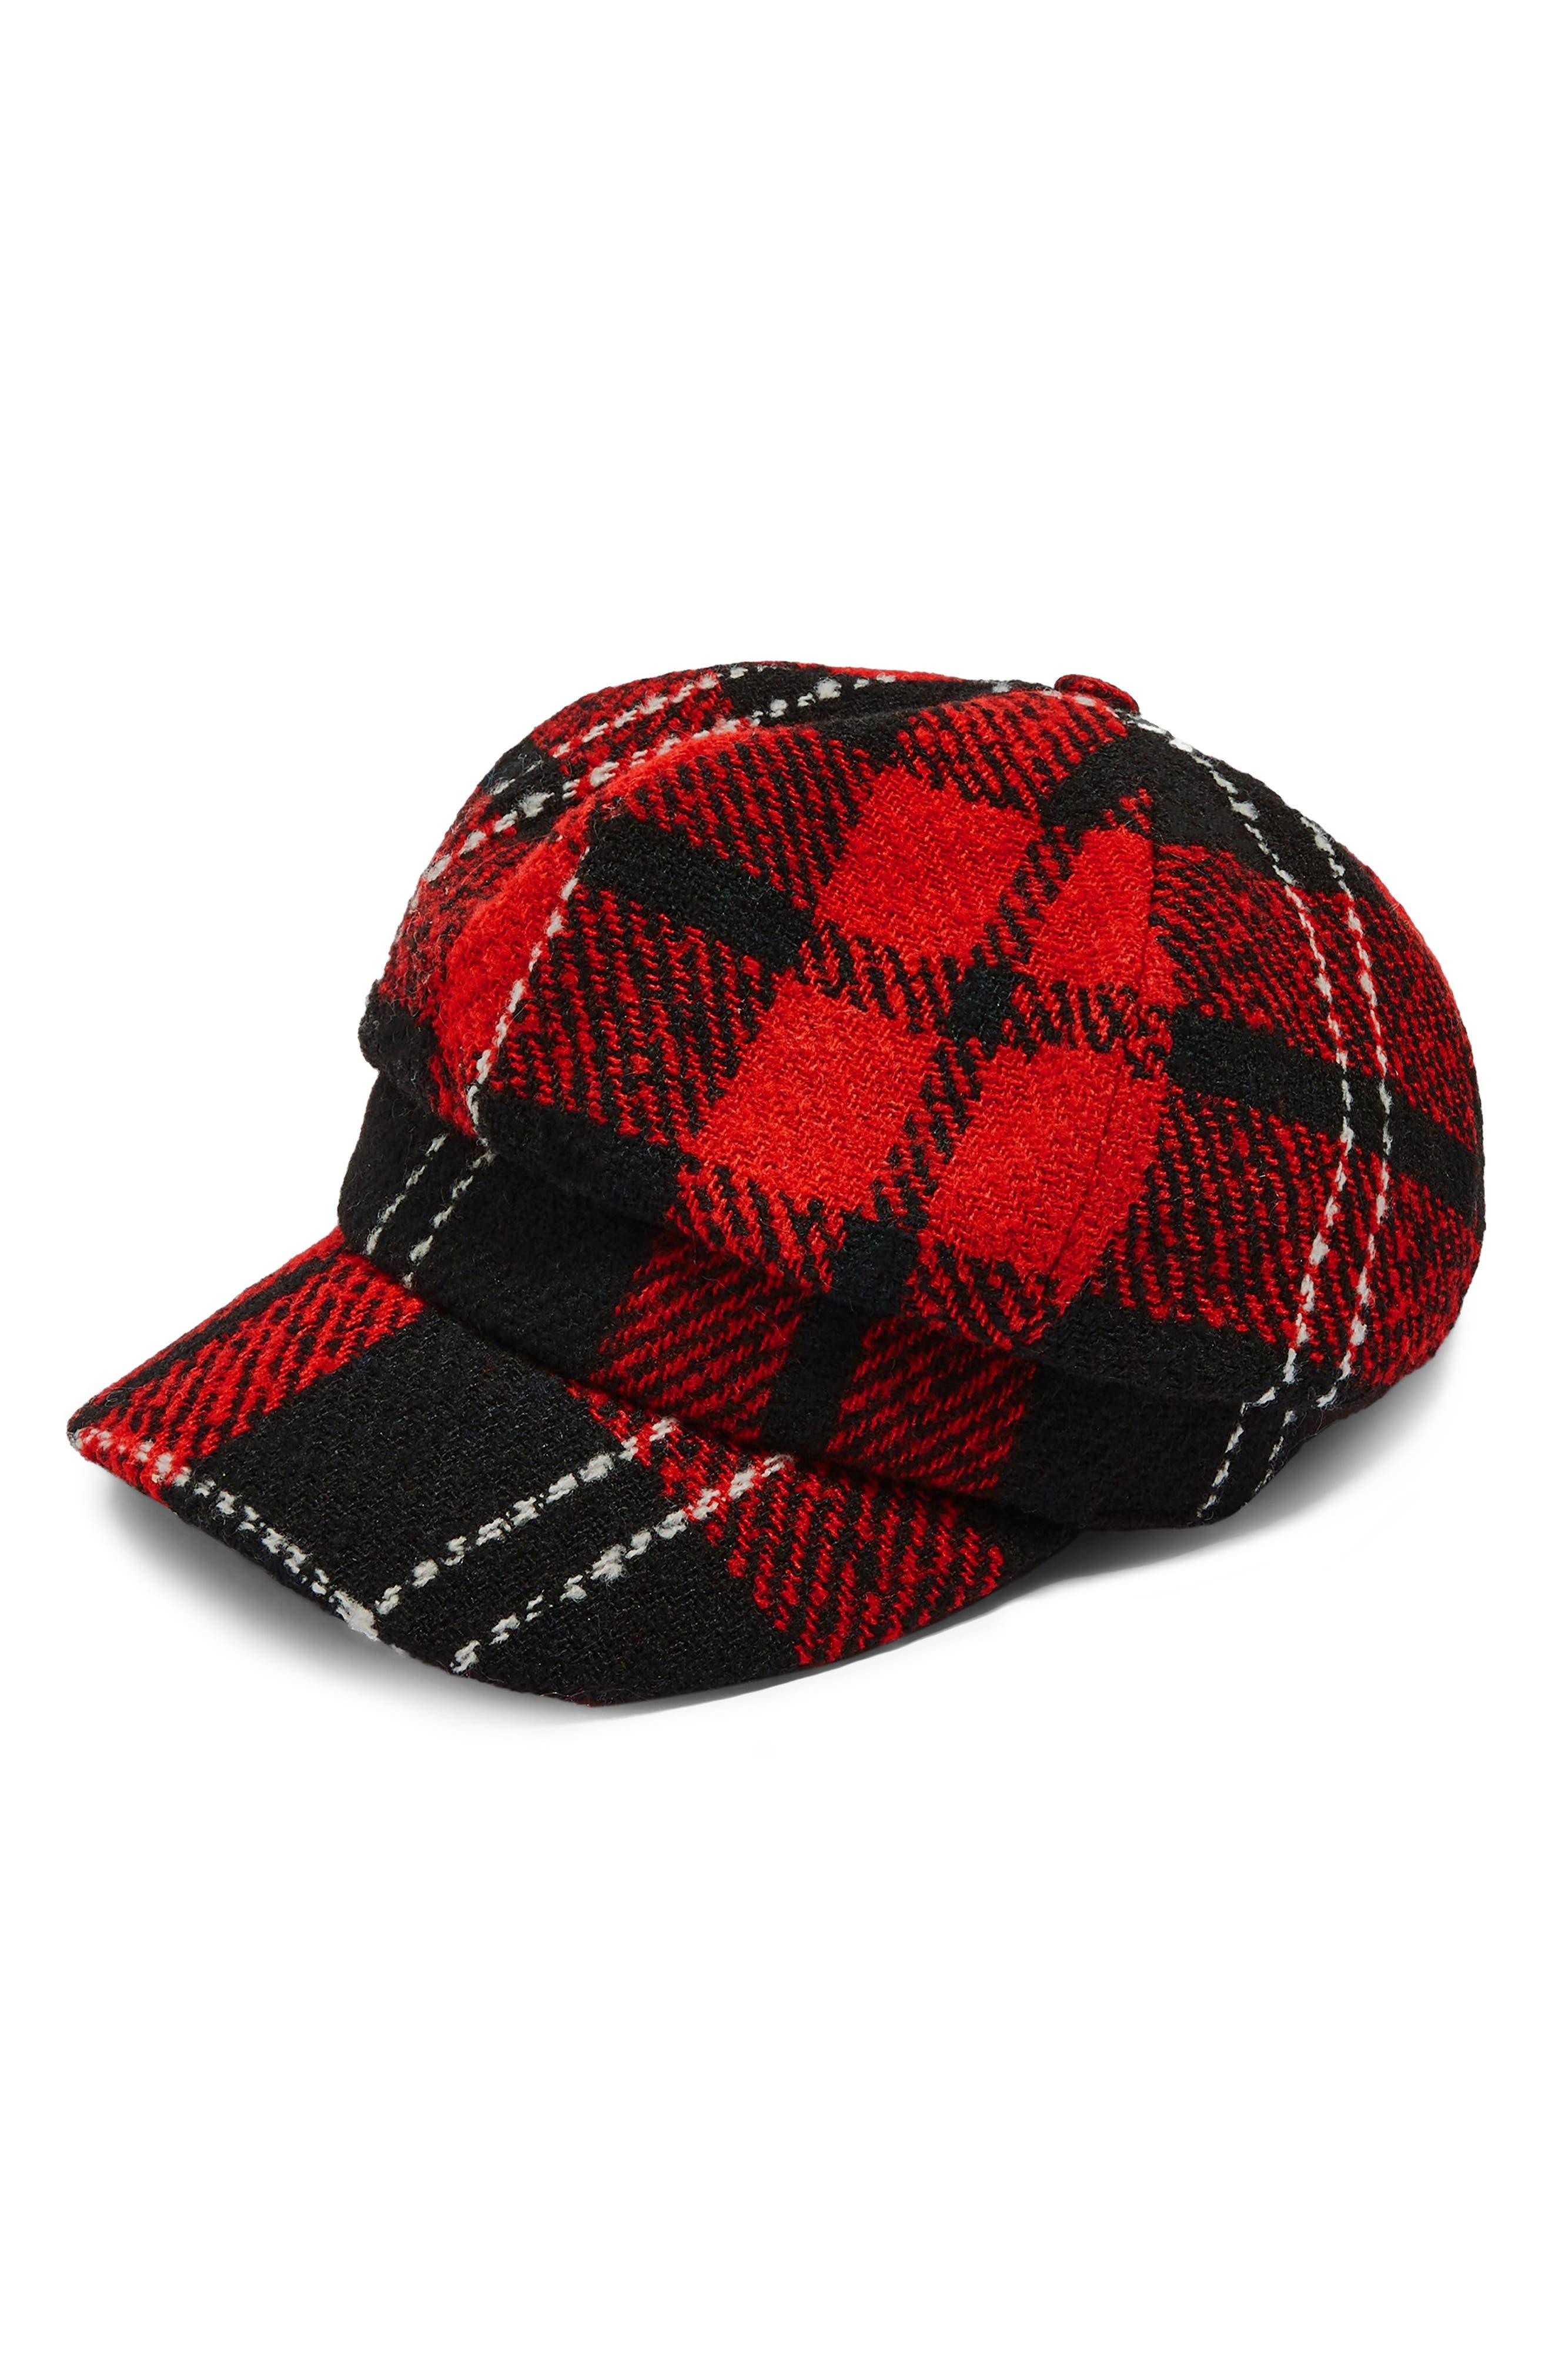 Lumberjack Baker Boy Hat,                             Alternate thumbnail 4, color,                             RED MULTI